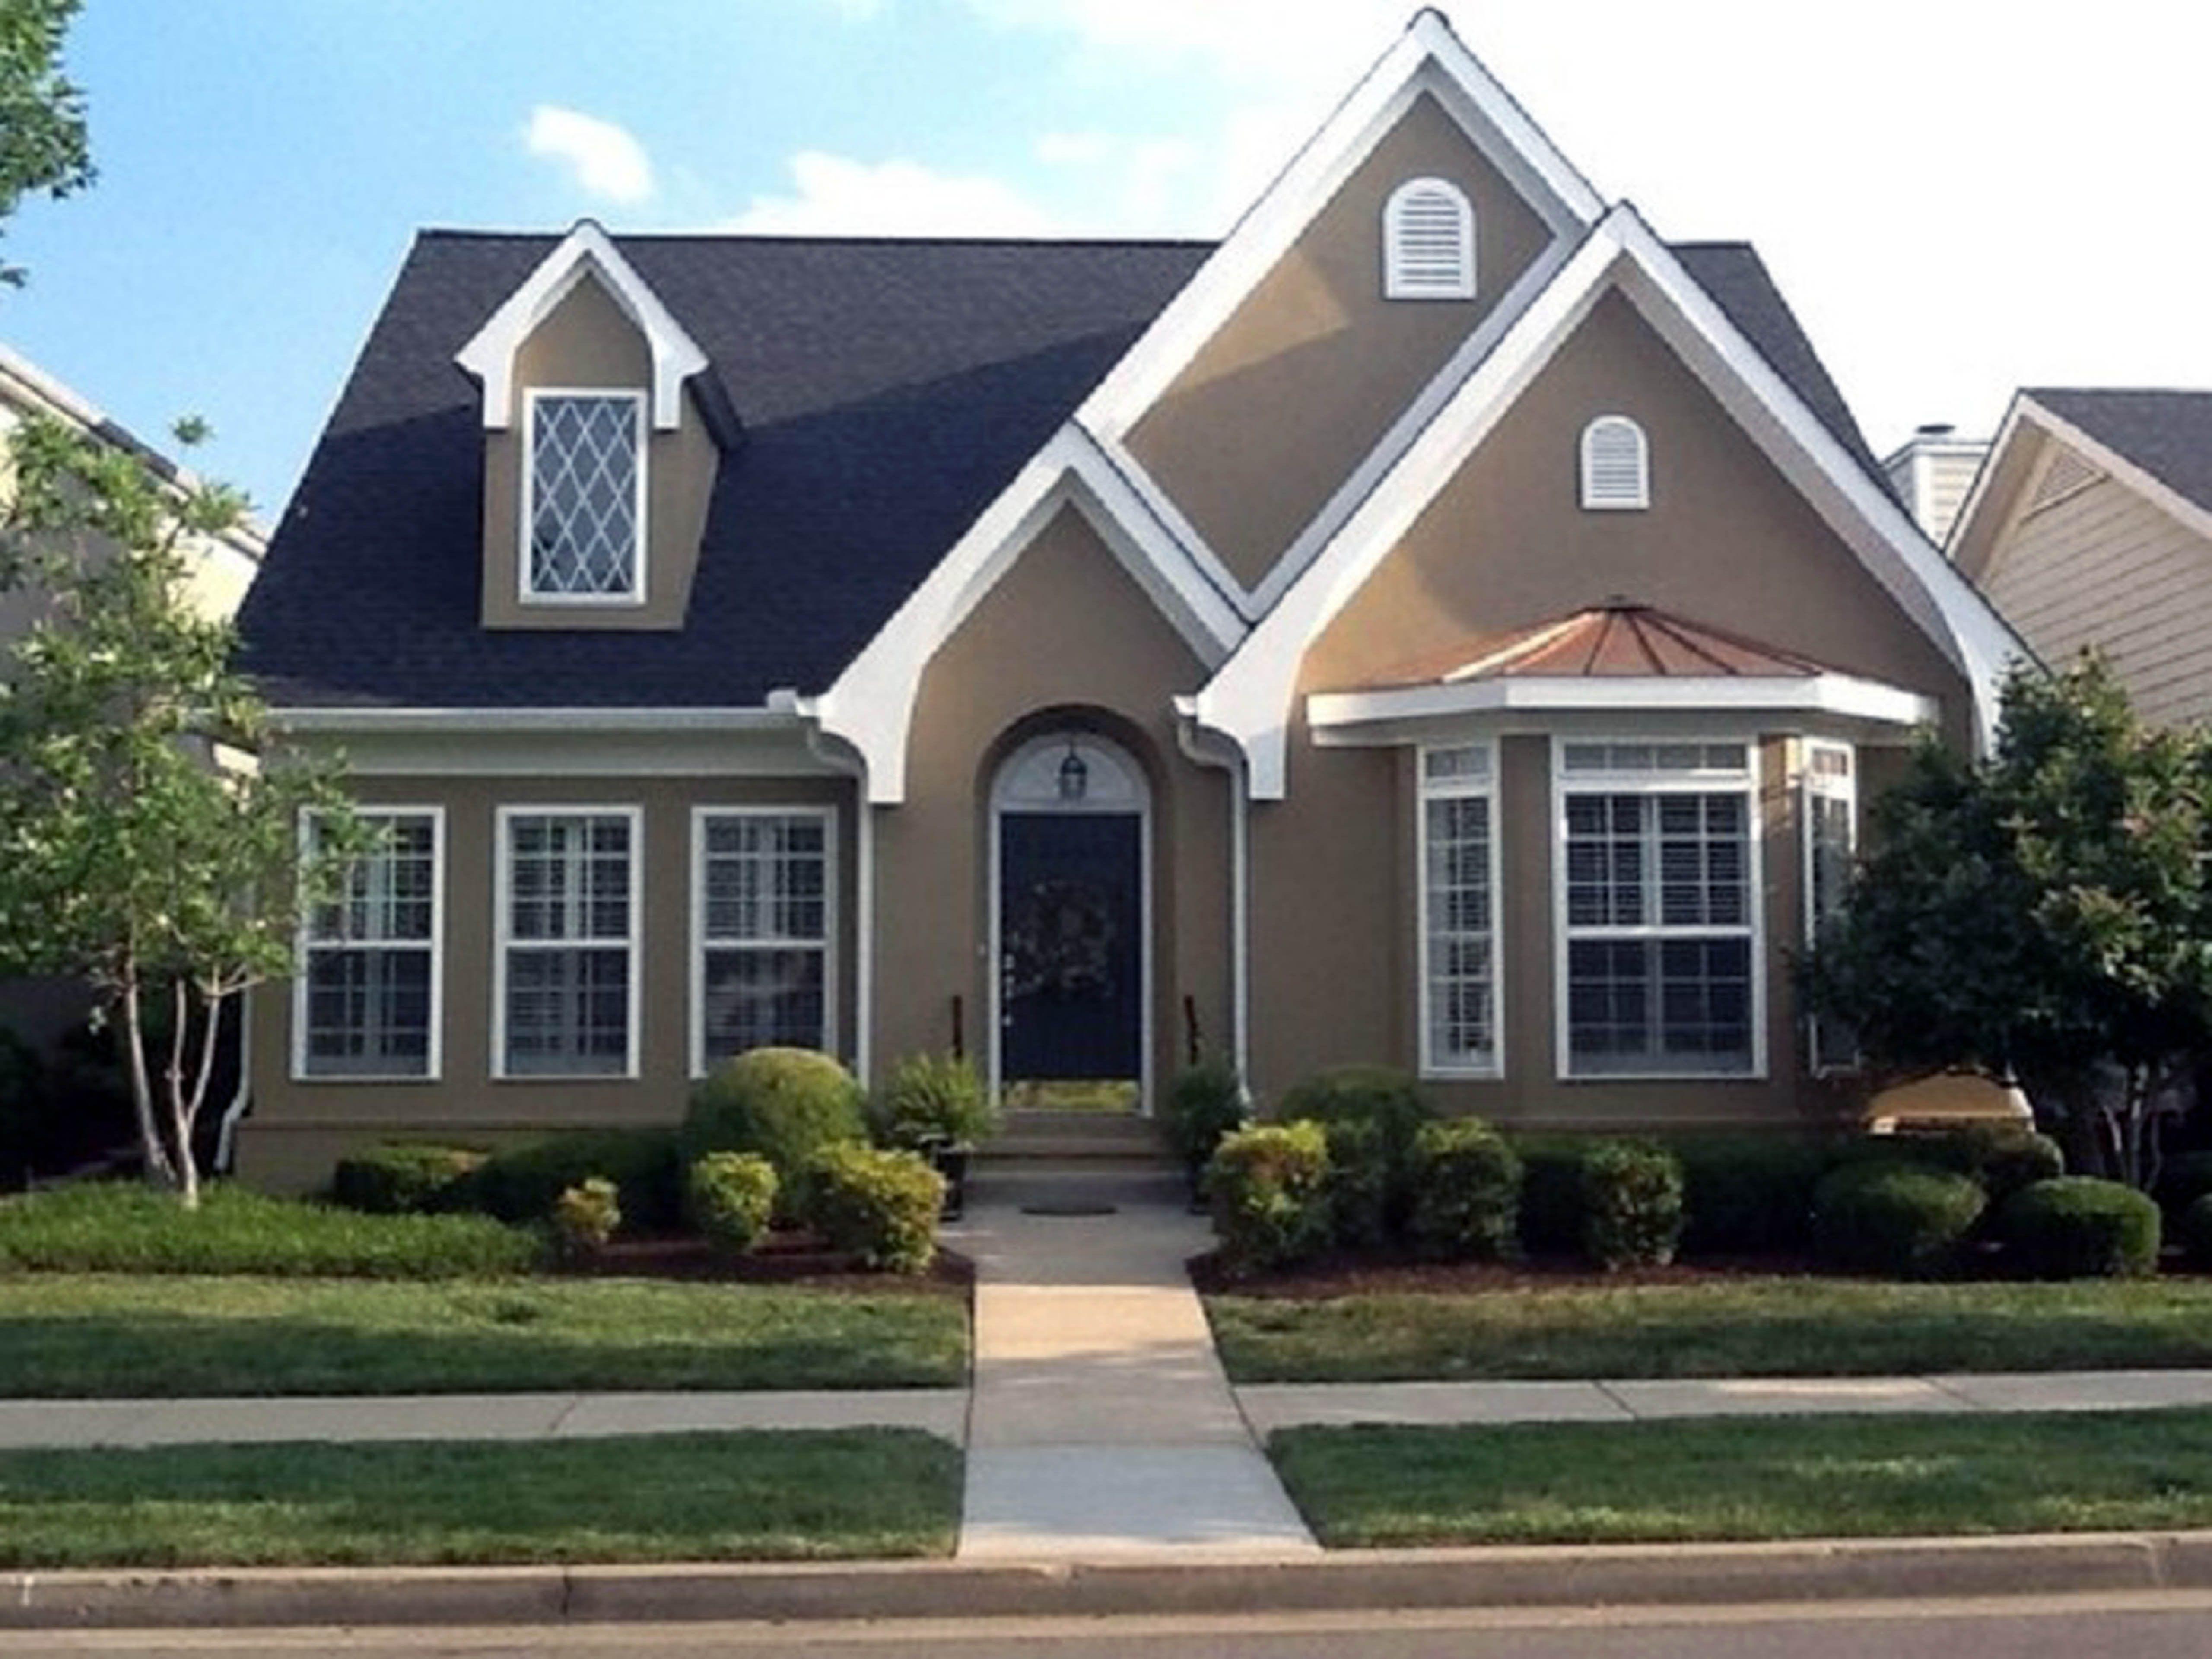 house exterior paint colors - Stucco Exterior Paint Color Schemes